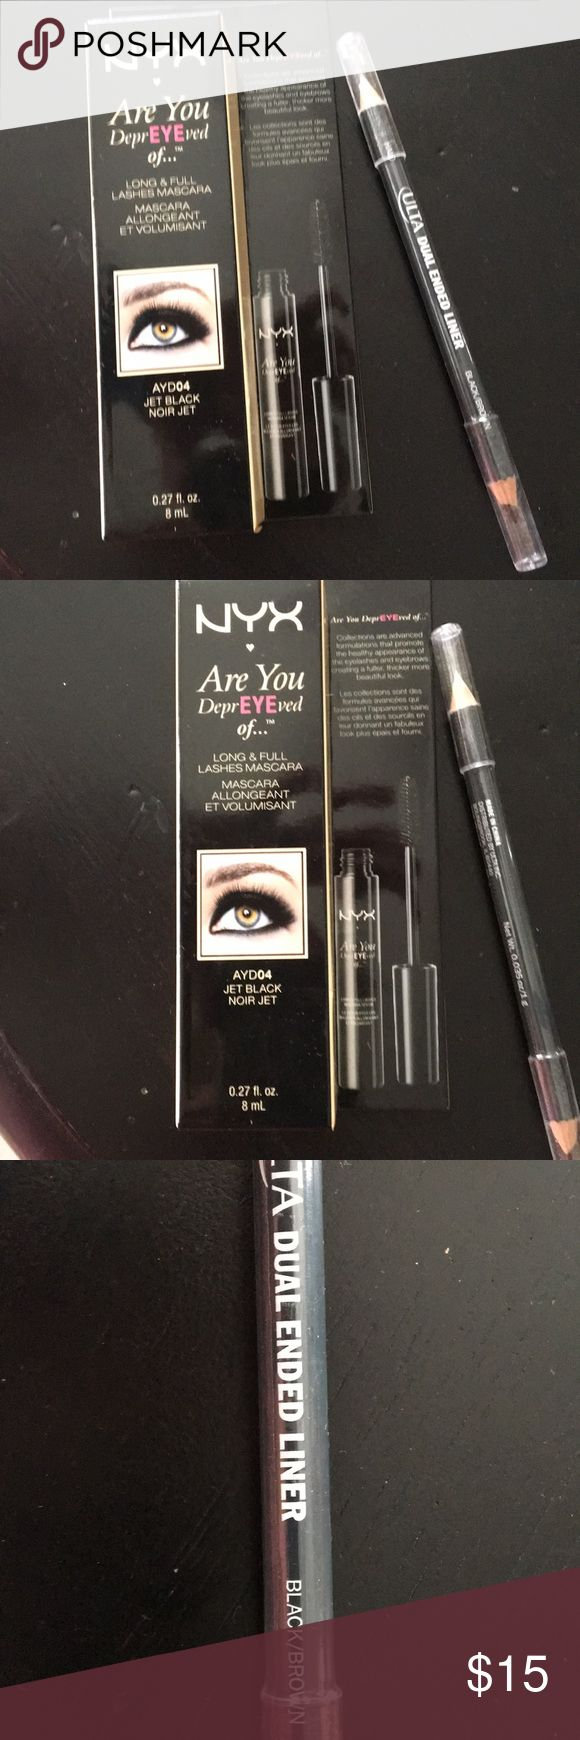 """NYX mascara and free eyeliner NYX jet black """"are you depreyeved of"""" mascara with a free ultra eyeliner NYX Makeup Mascara"""